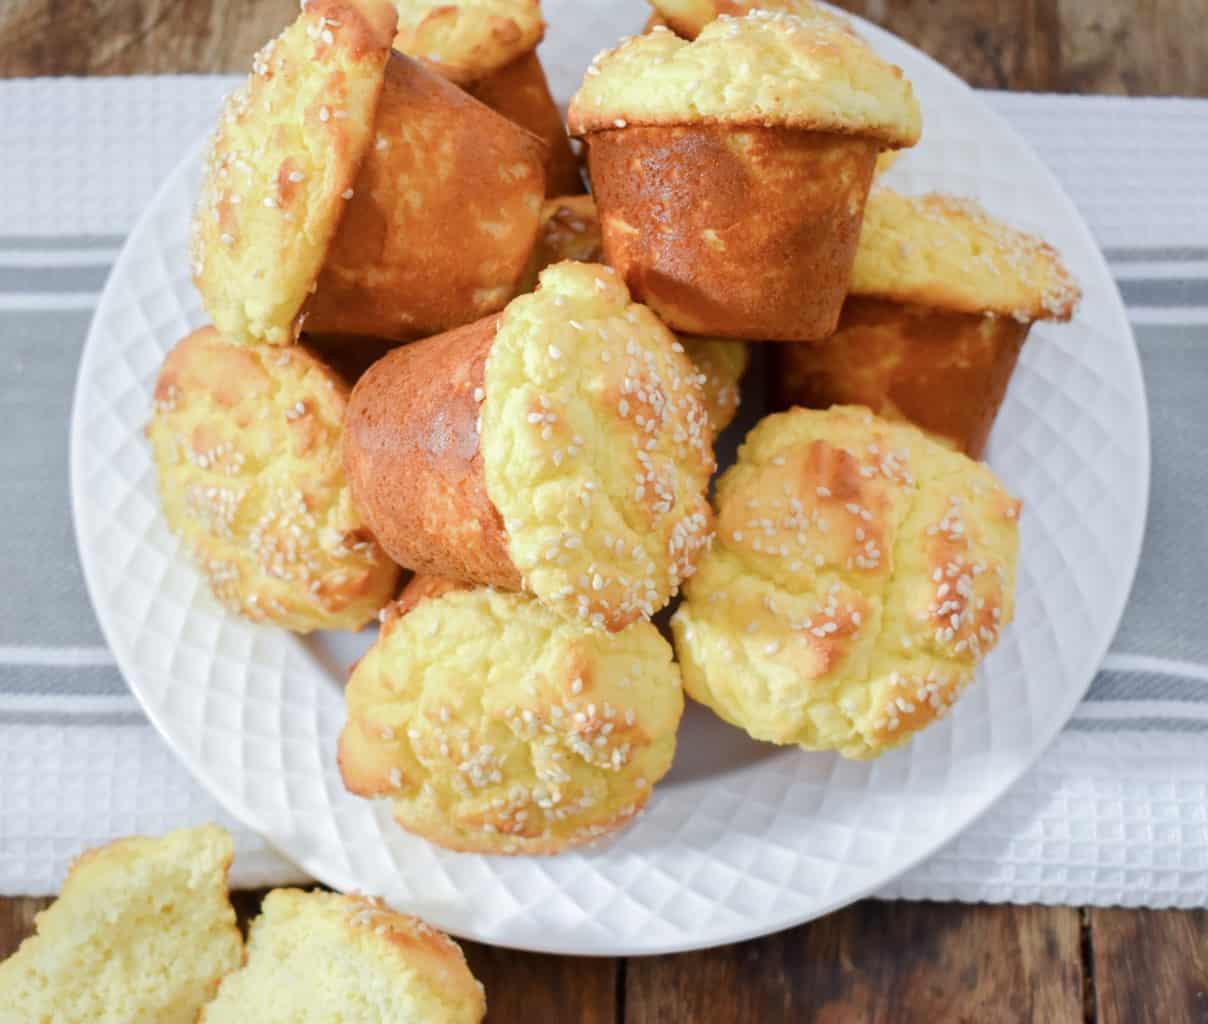 keto cream cheese bread (coconut flour)